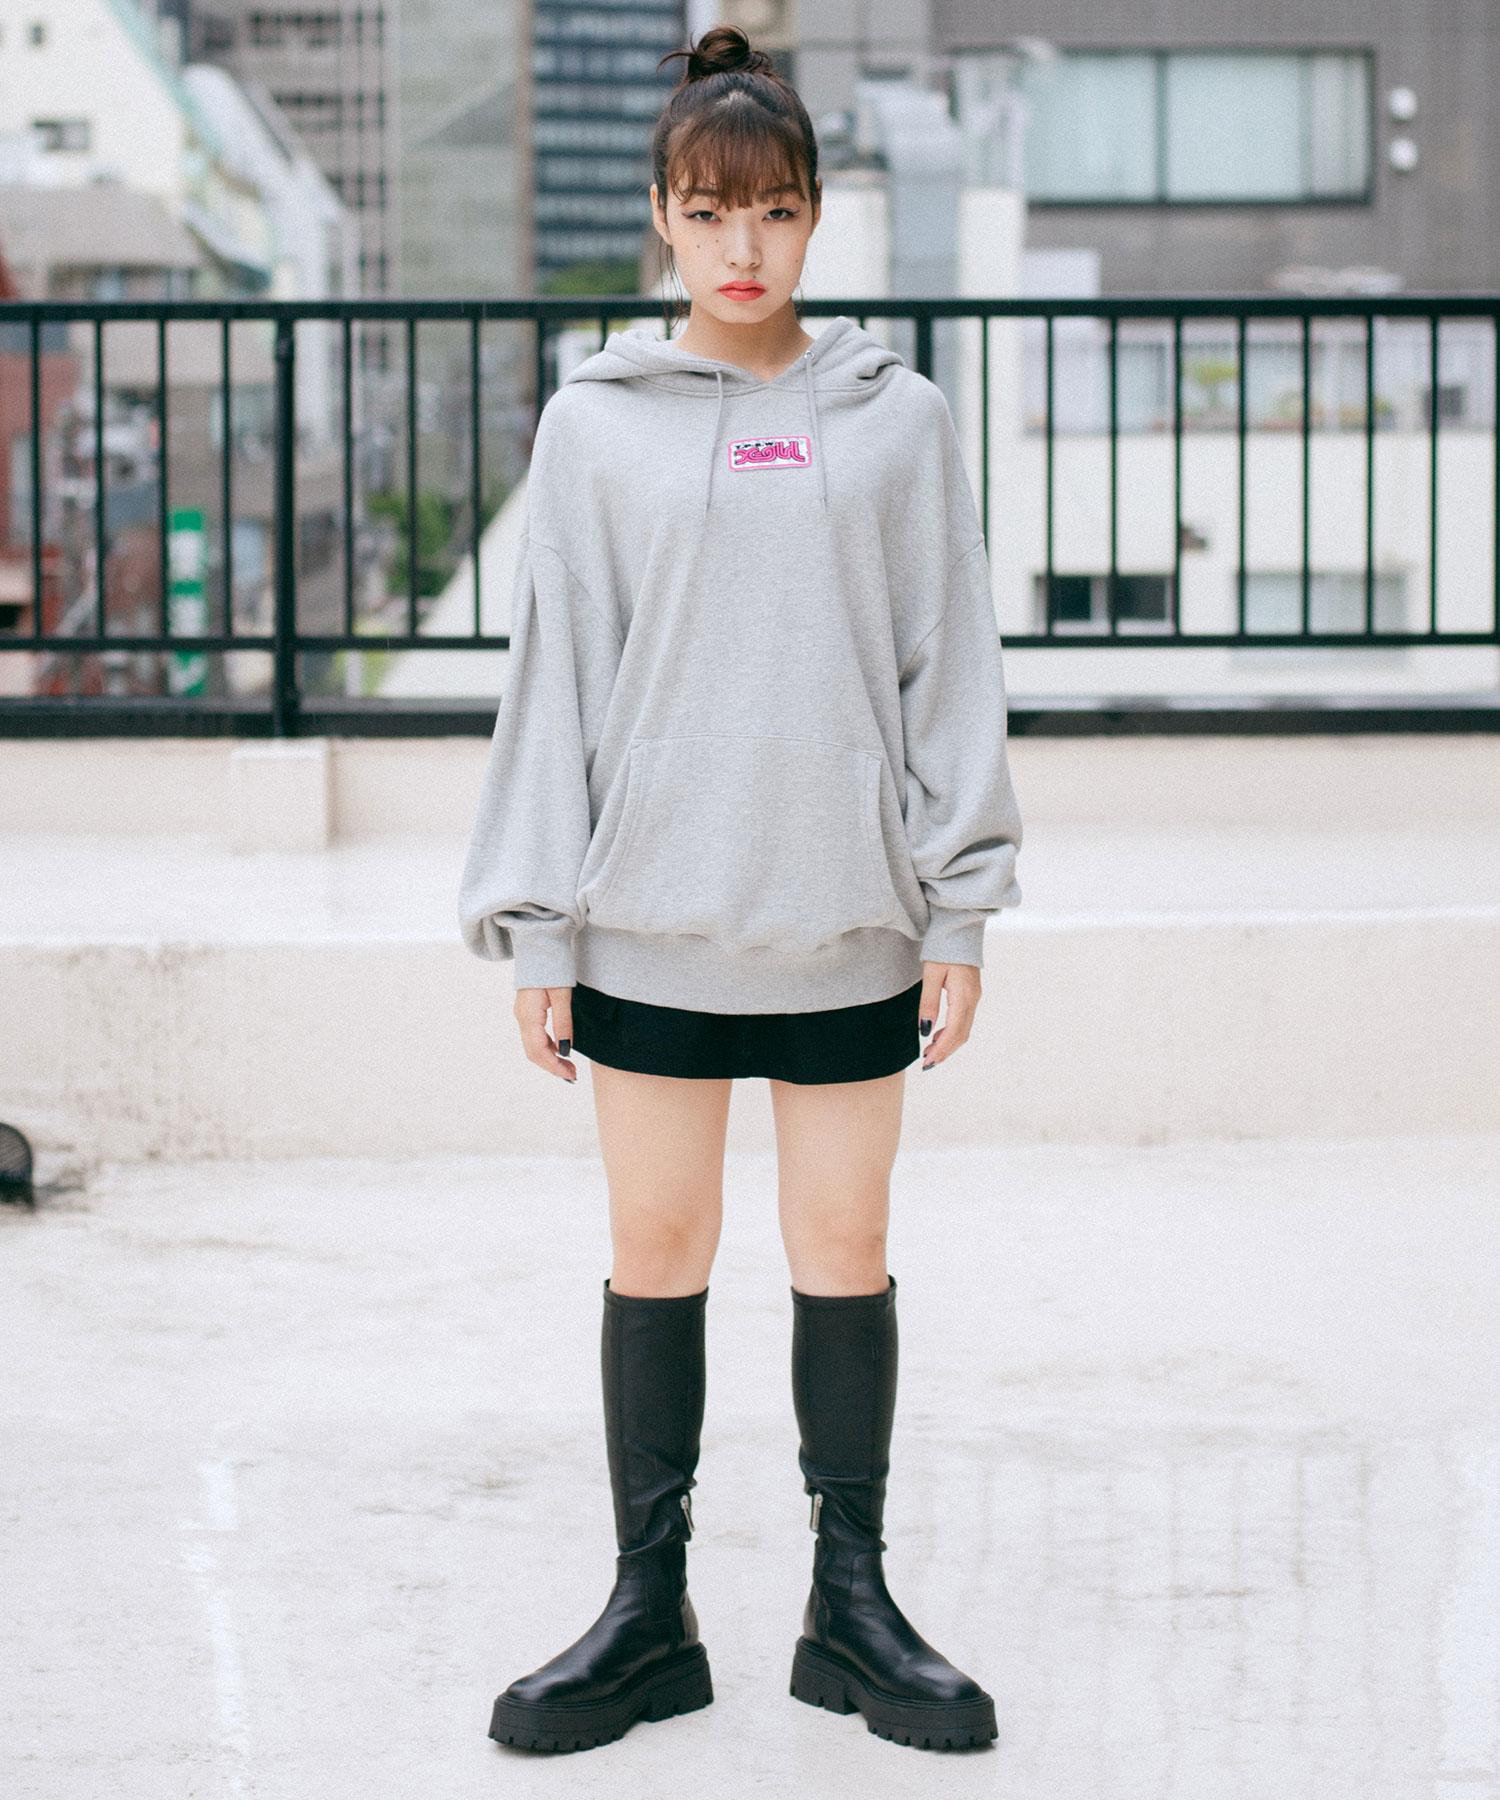 【公式】X-girlエックスガールPRISMPATCHSWEATHOODIEパーカースウェットフードフーディトップスプルオーバーレディース